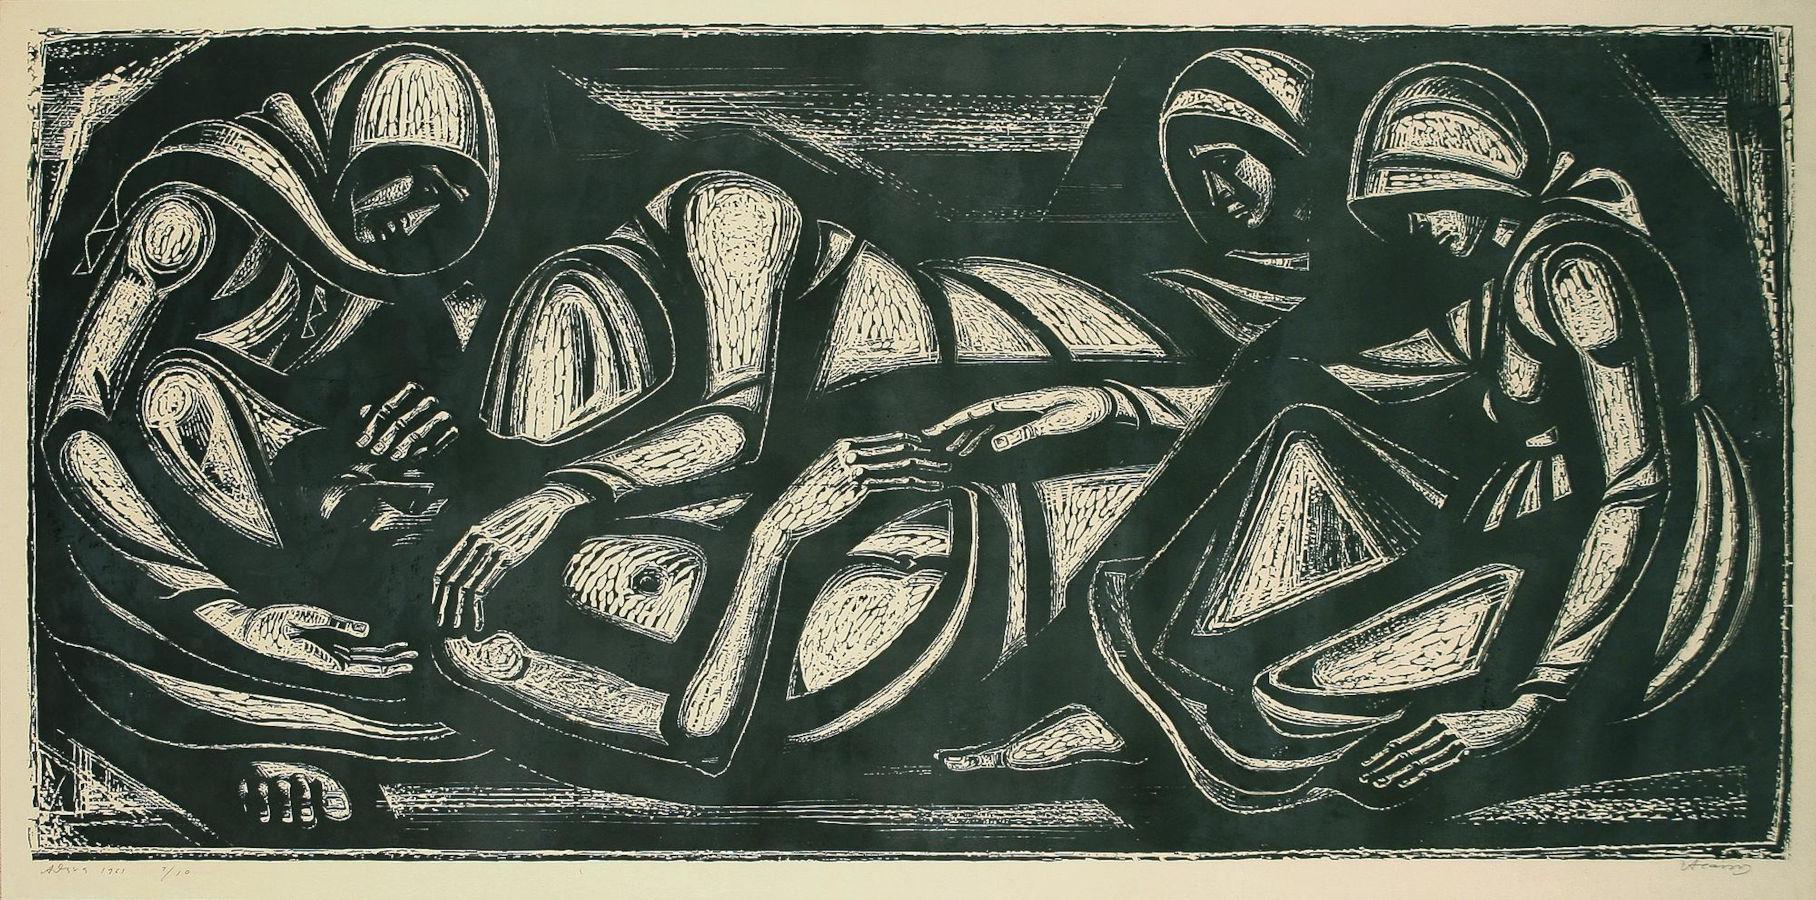 Εμφύλιος πόλεμος, λεπτομέρεια. Ο νεκρός, 1961